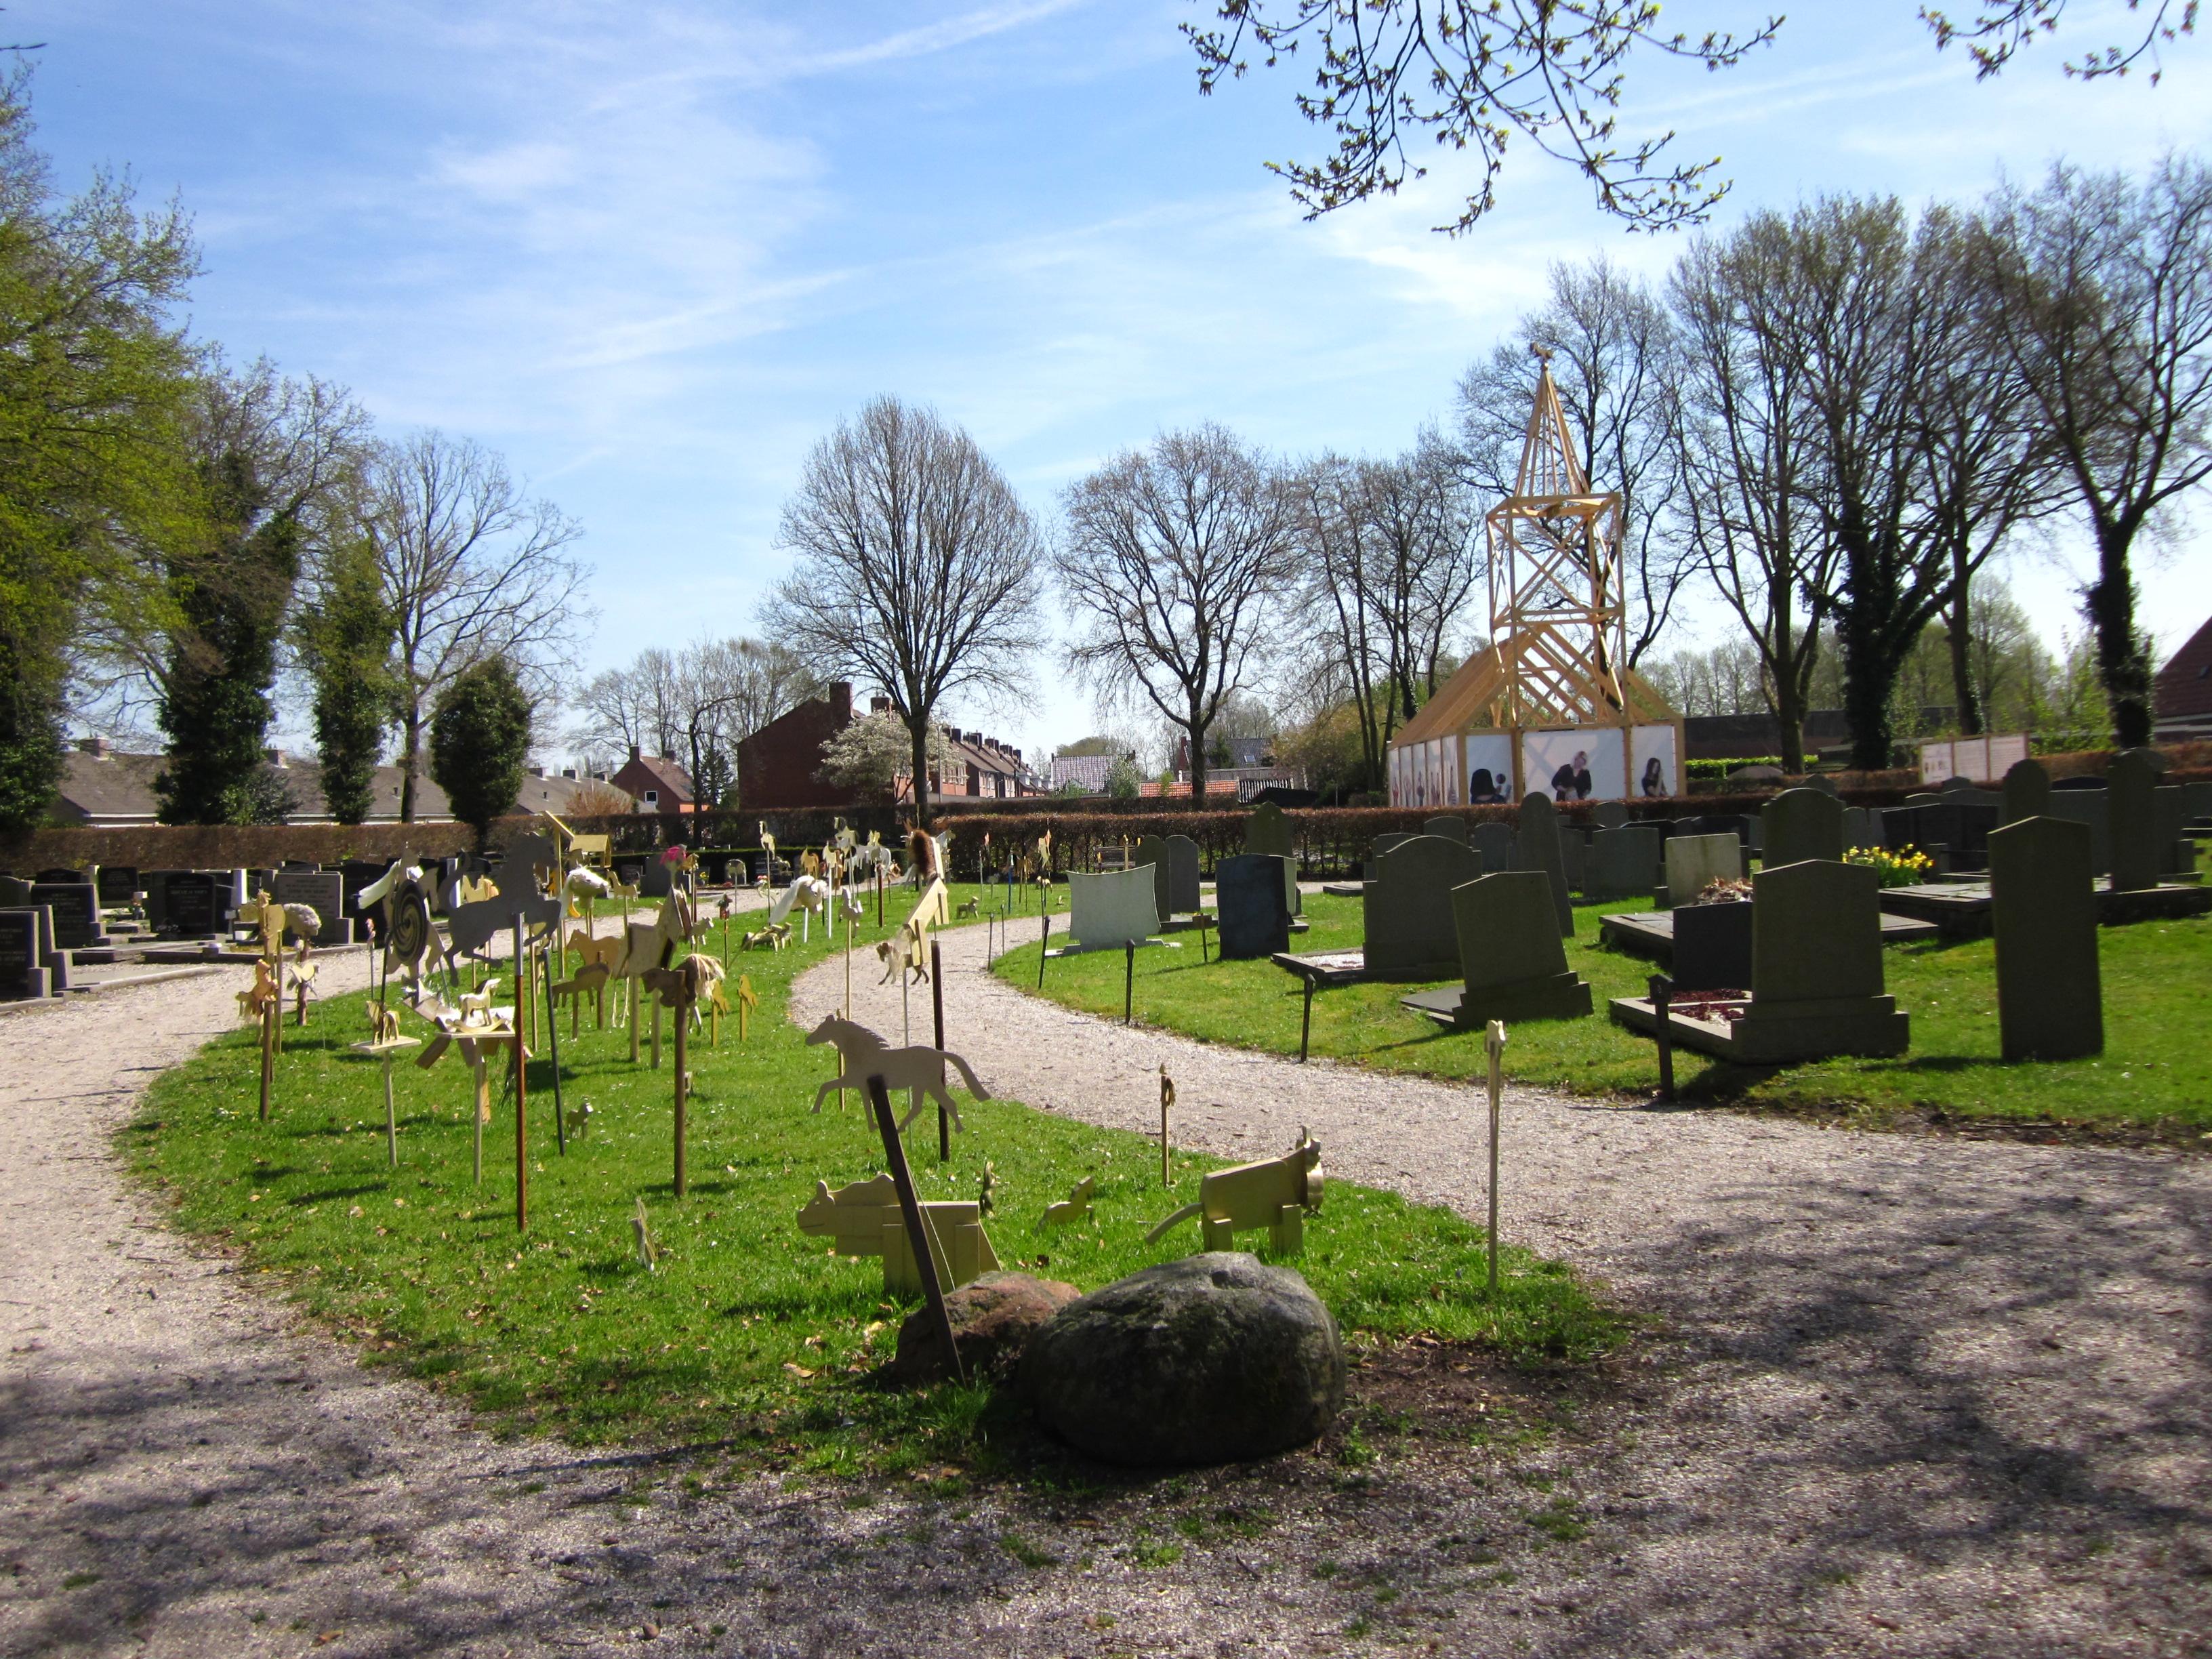 Haren-in-de-Wind-kerk, kunstinstallatie-begraafplaats-Langezwaag, Under-de-Toer -LF2018, beeldende-kunst-lf2018, kunstenaar-Wietske-Lycklama-à-Nijeholt